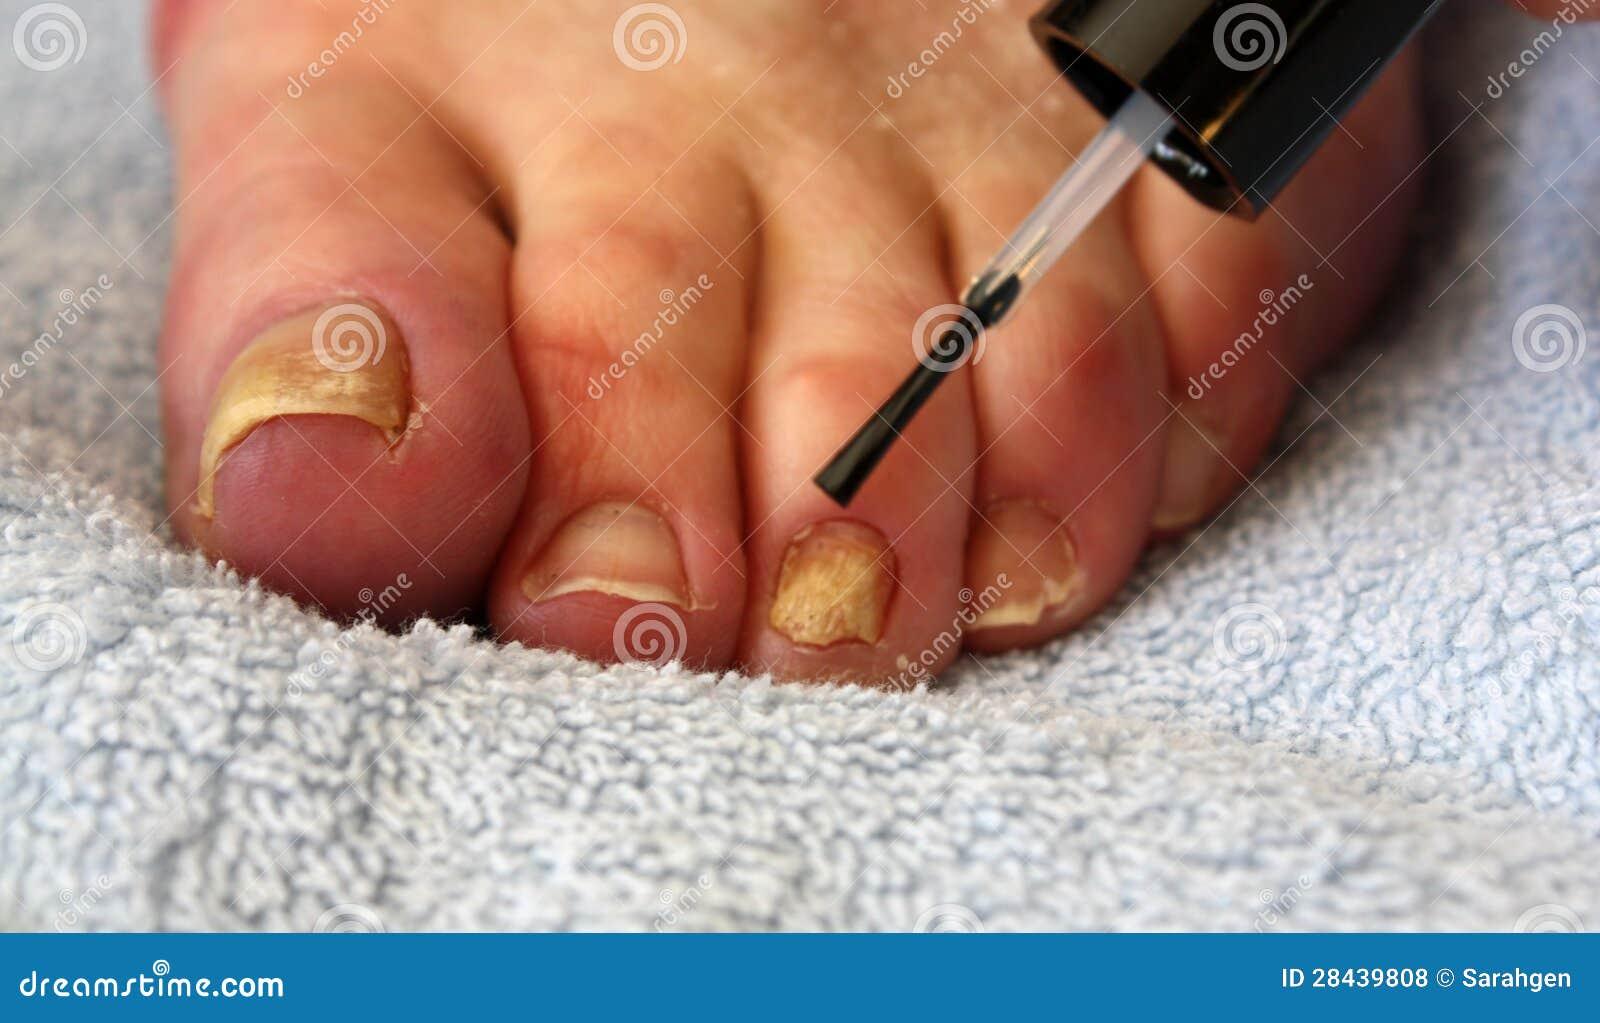 Fungo di tintura di spirito di trattamento di unghie di propolis